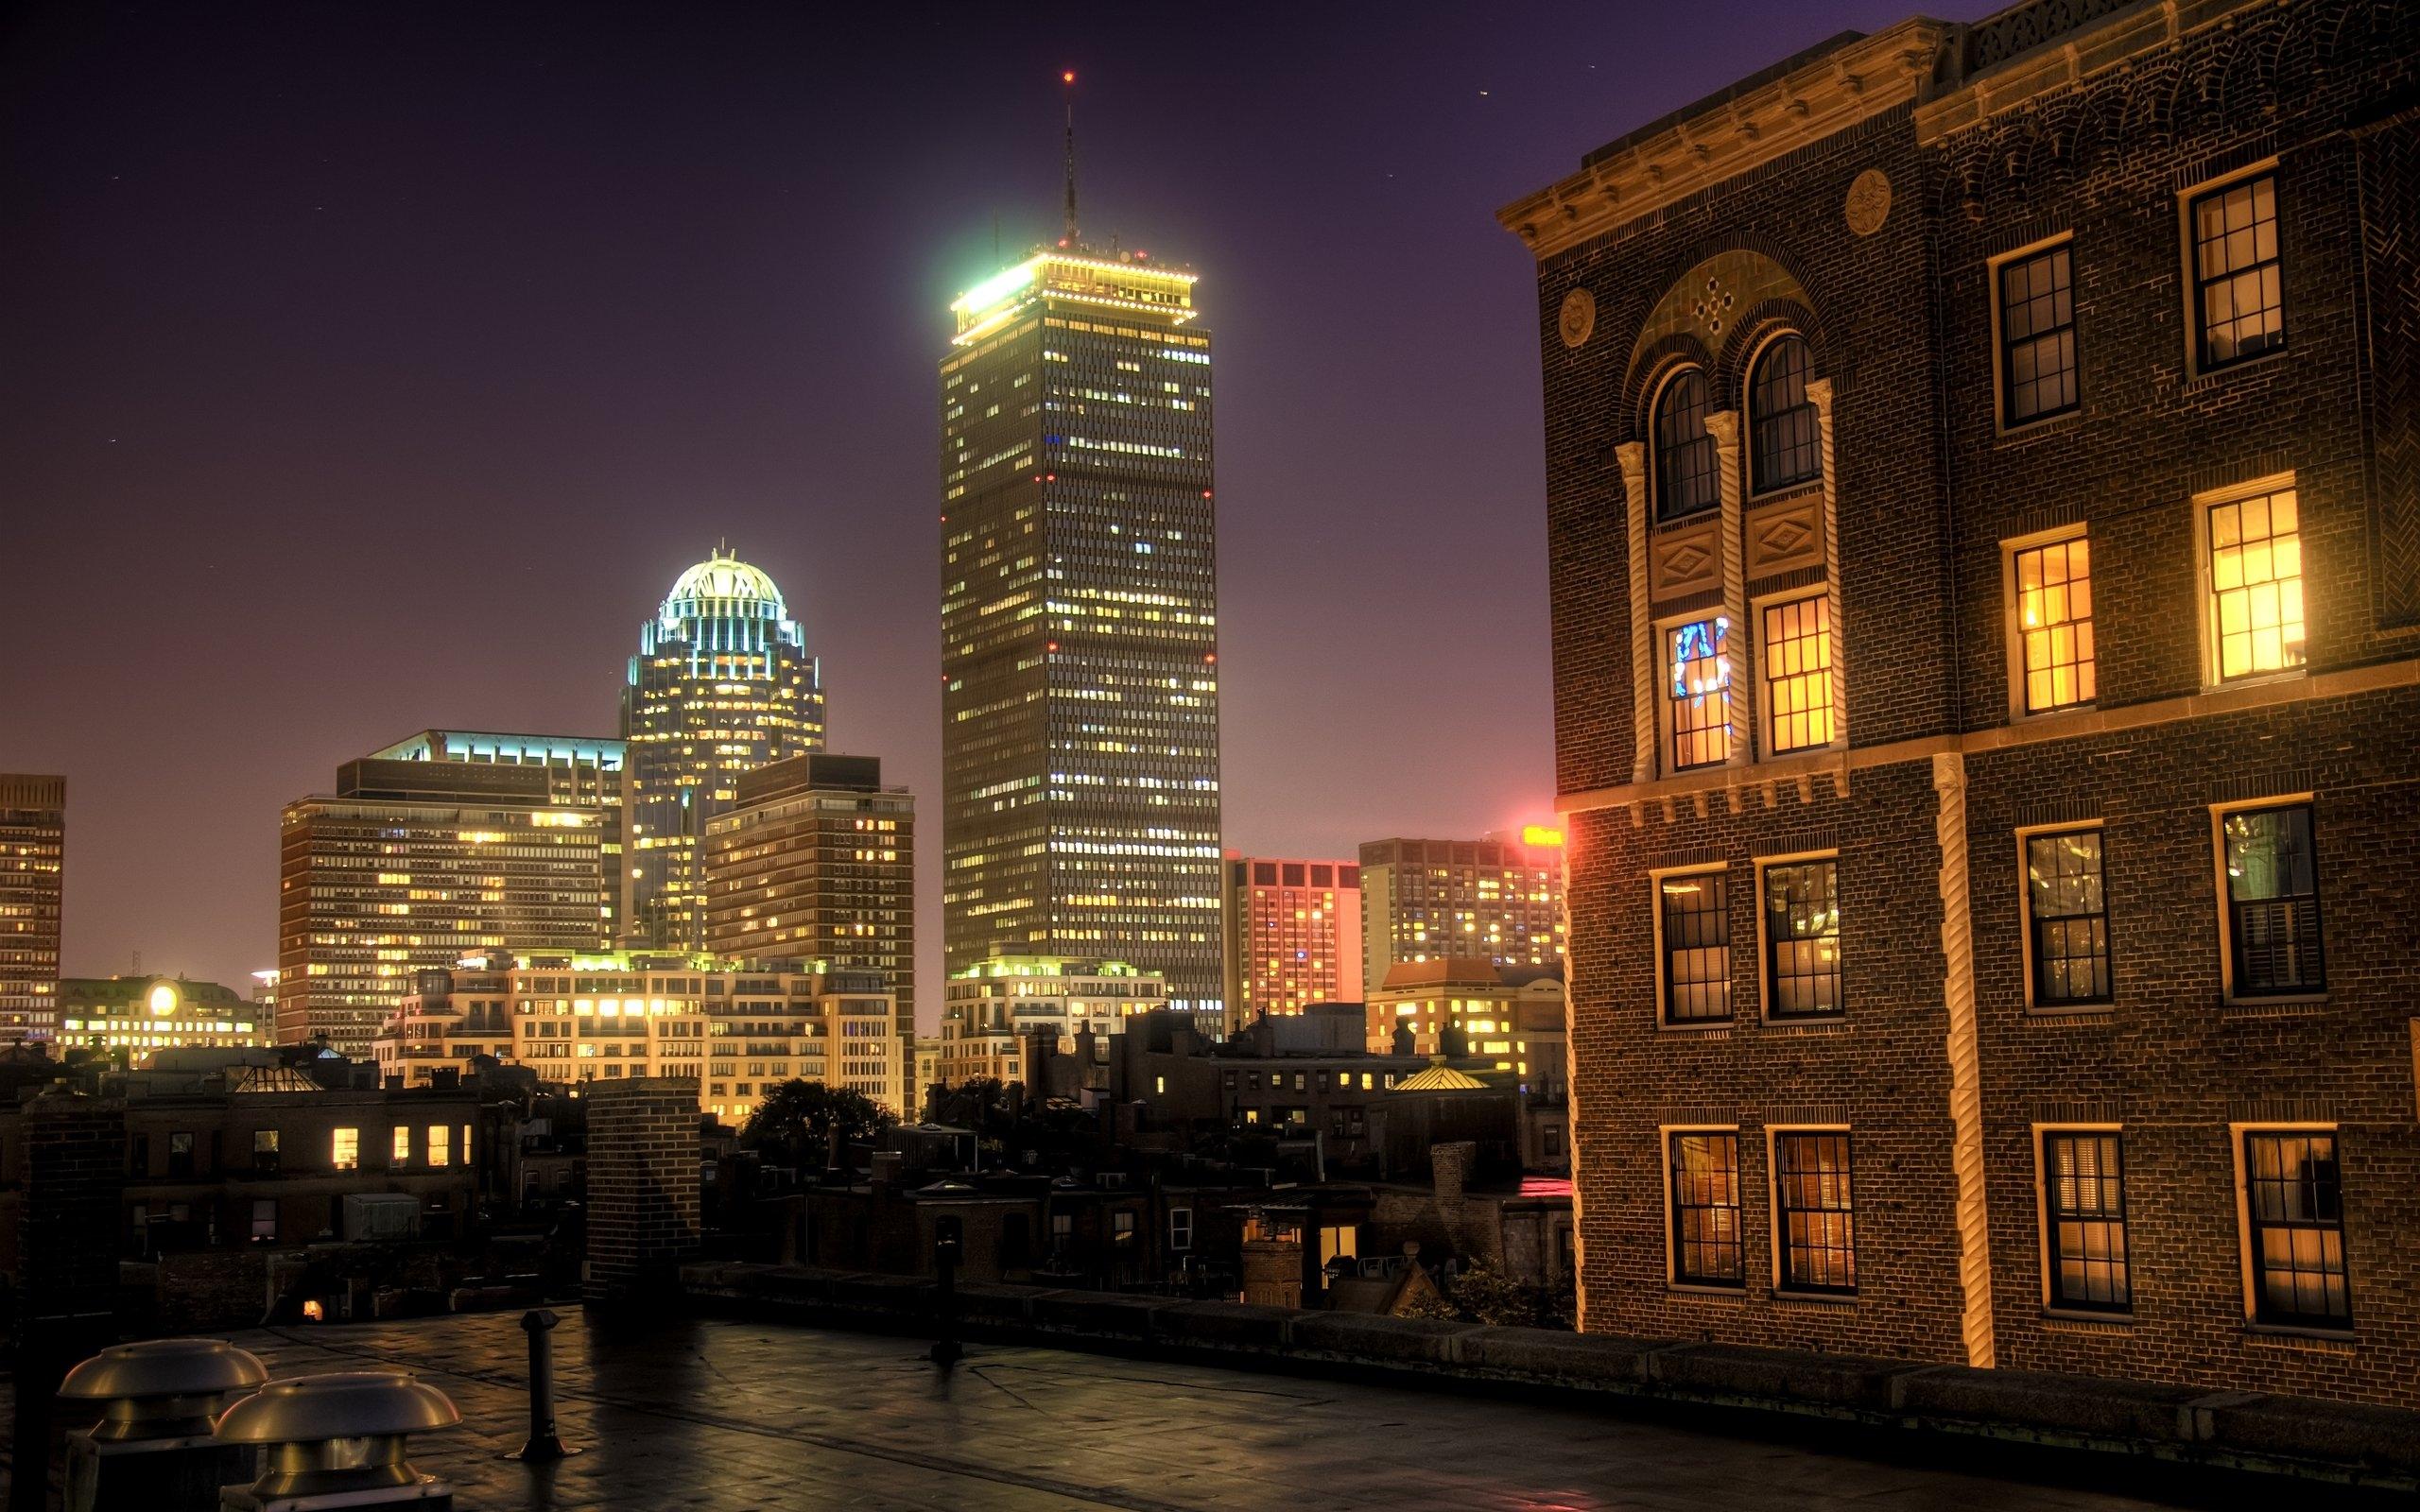 ночной бостон фото это, сути